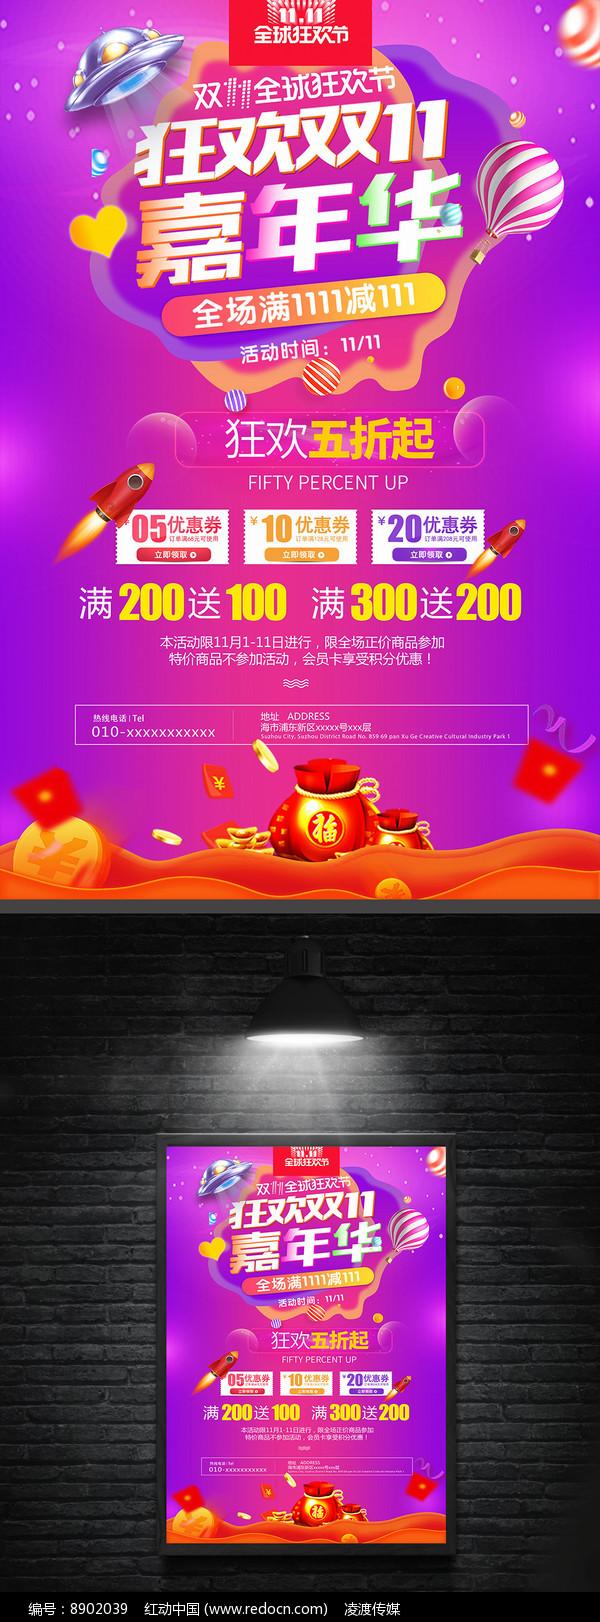 全球狂欢节双11促销海报图片